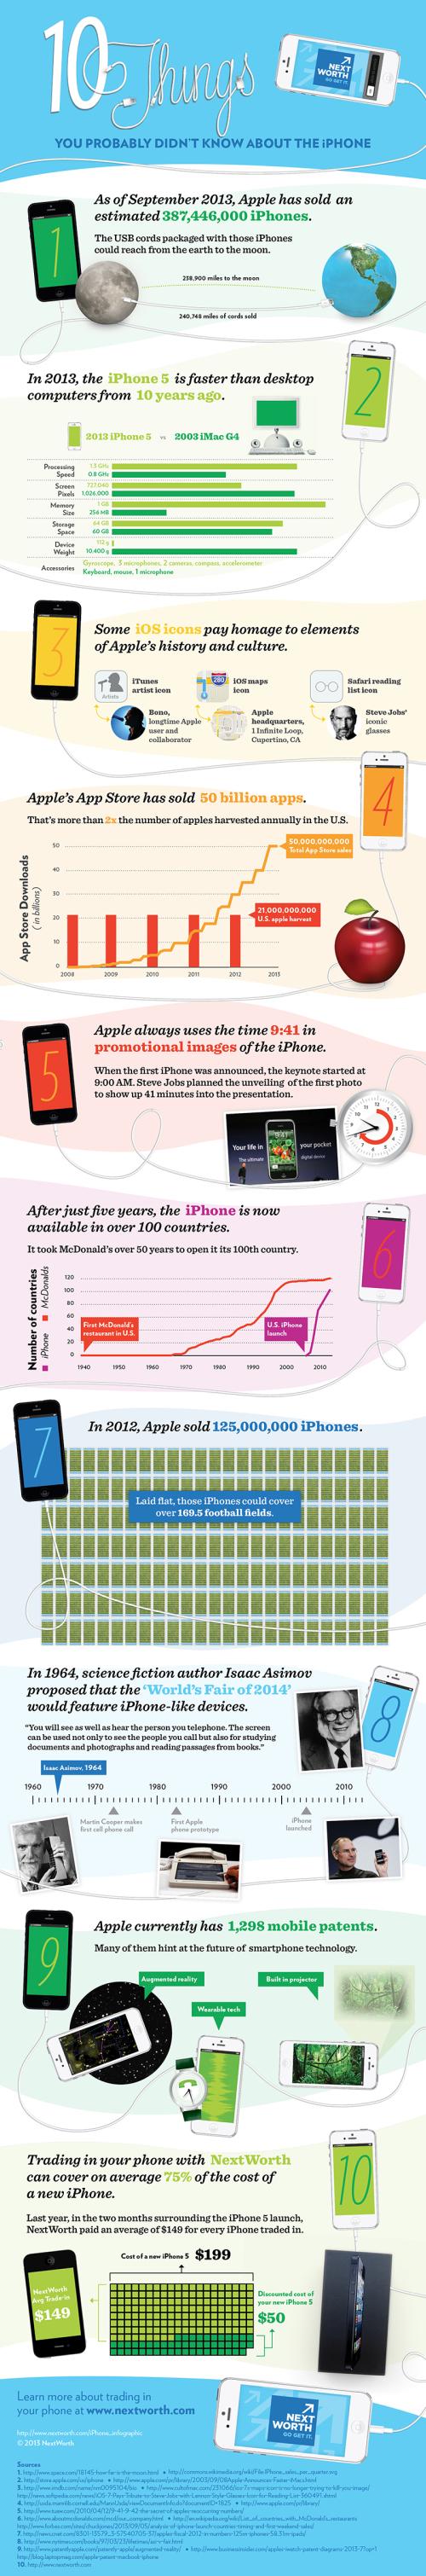 İnfografik: iPhone hakkında bilinmeyen 10 gerçek